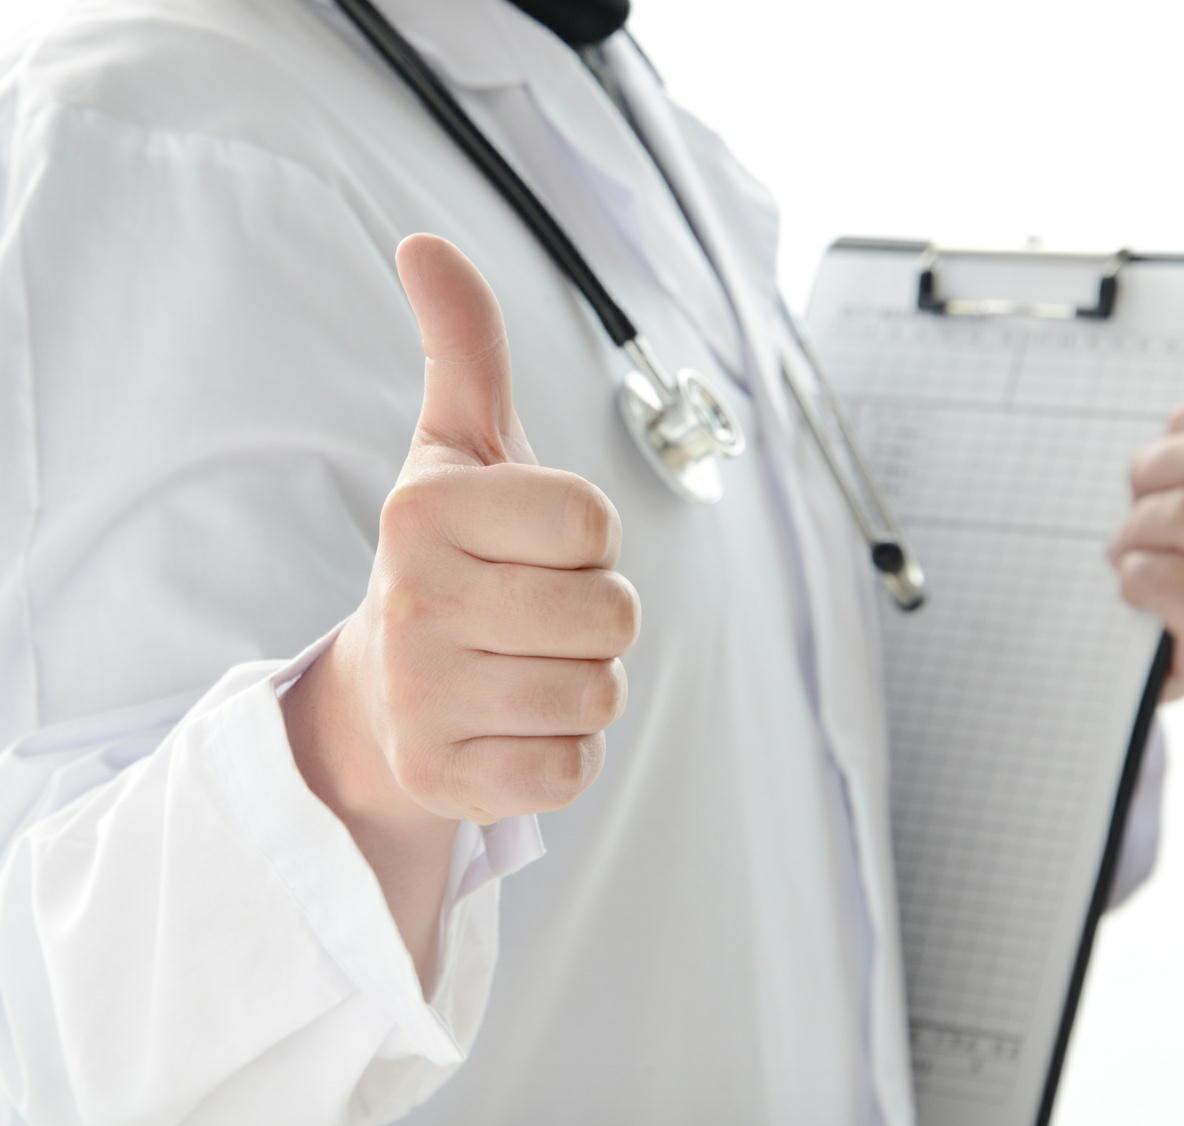 産業医の8割が「メンタルヘルス不調・過労対応に自信がない」